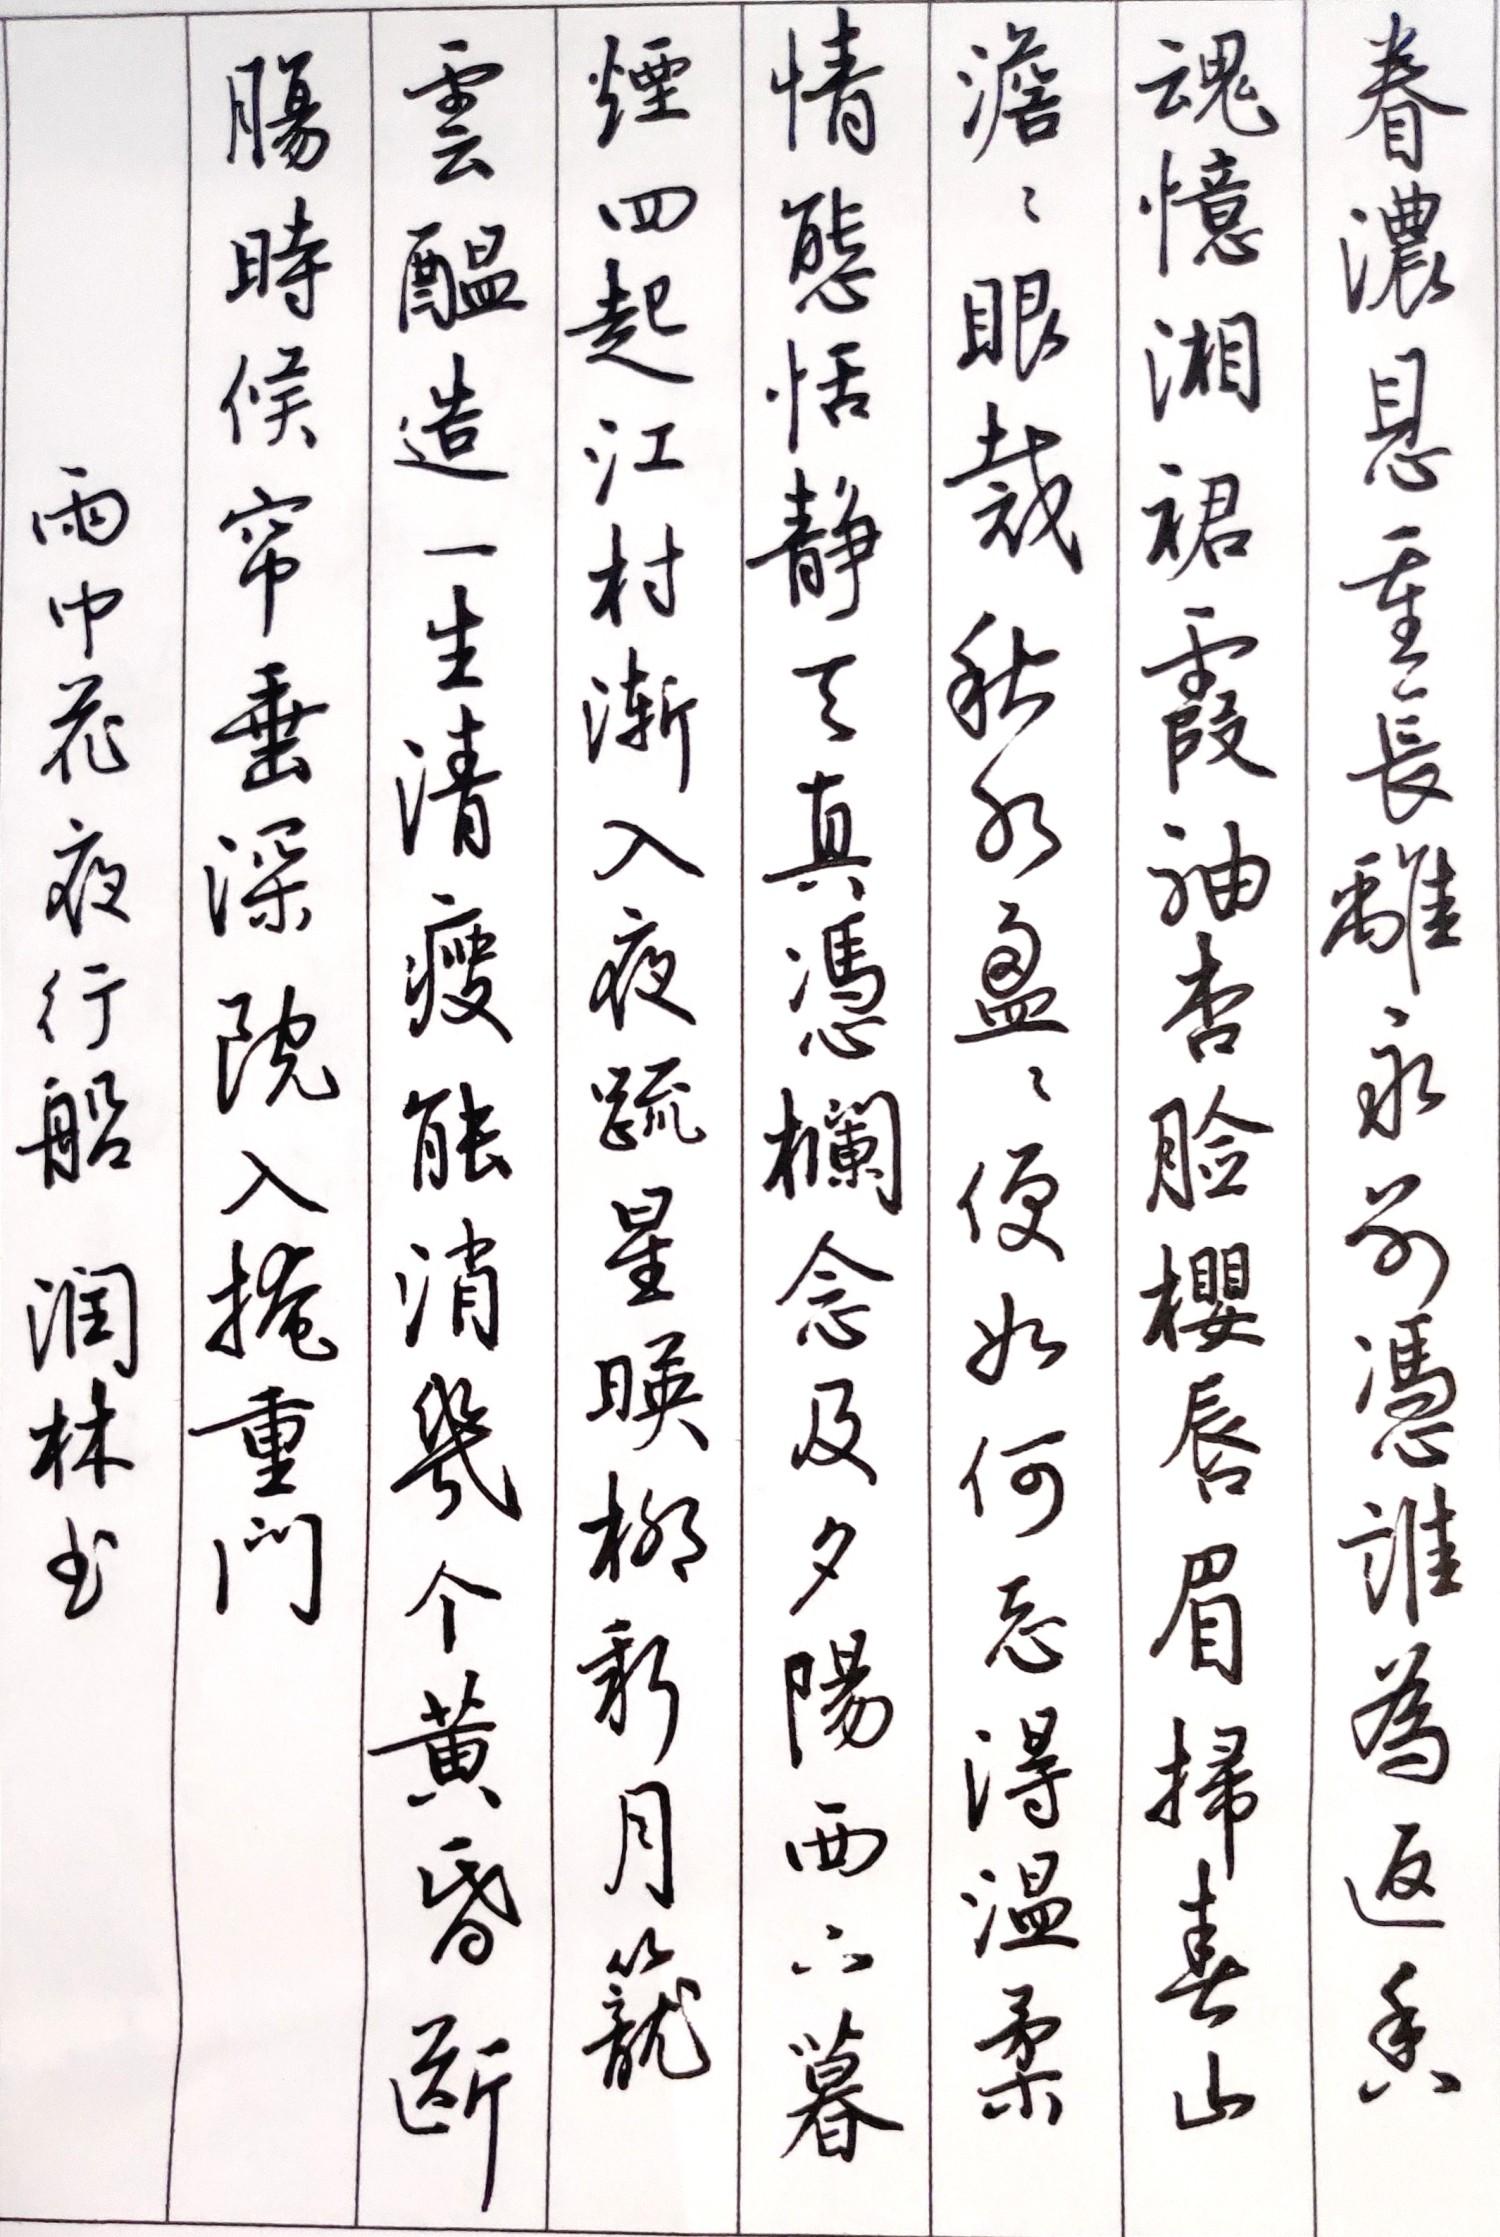 钢笔书法练字打卡20210518-05